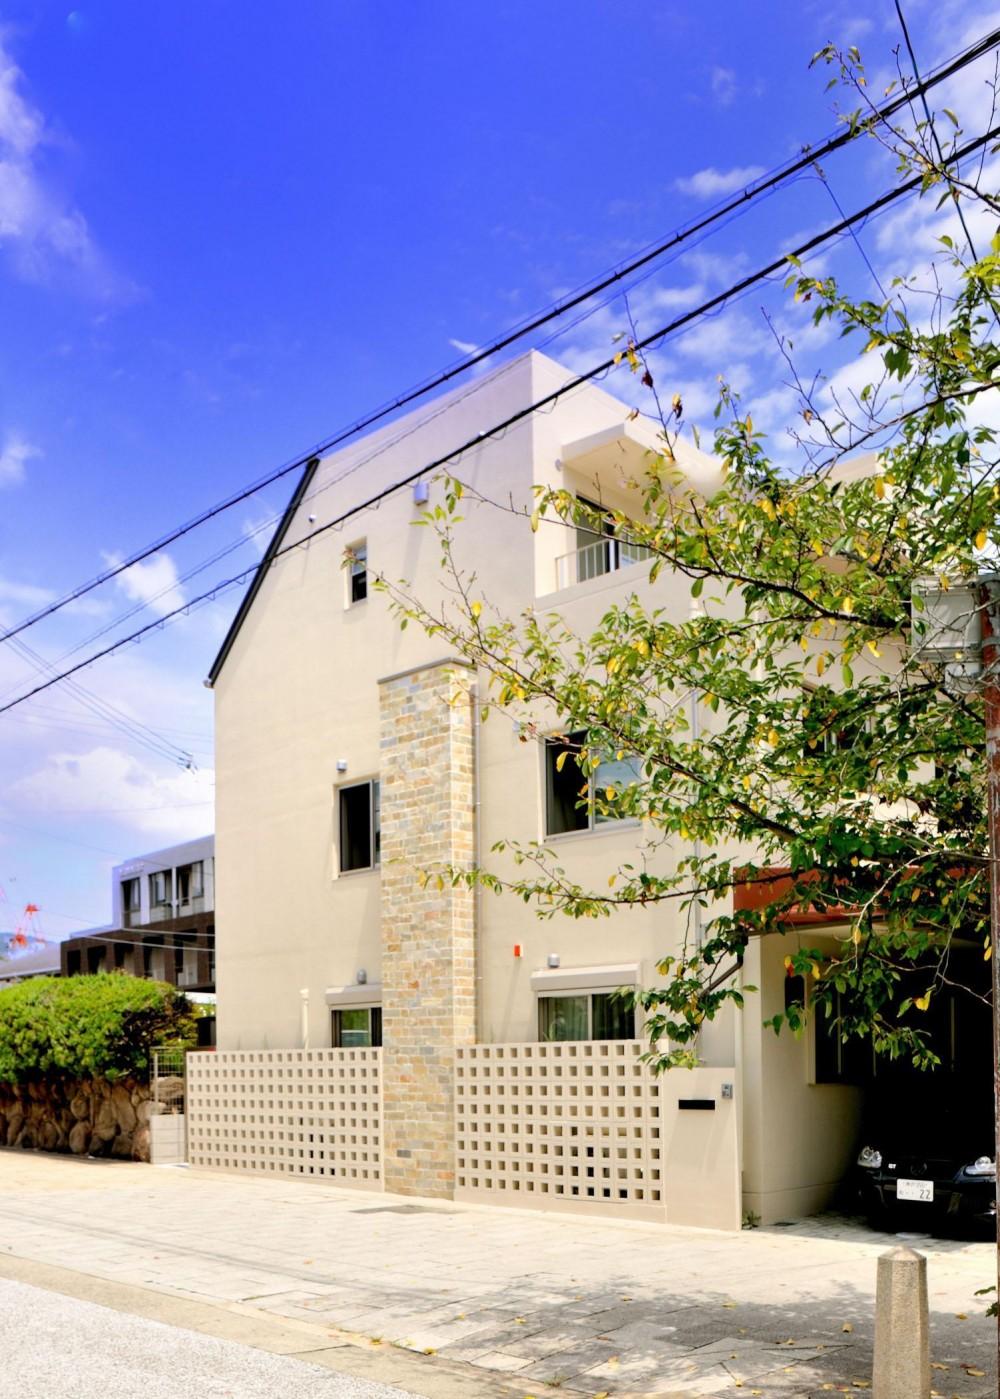 石川淳朗「T邸-RC造で地震に強く外断熱の家-神戸」